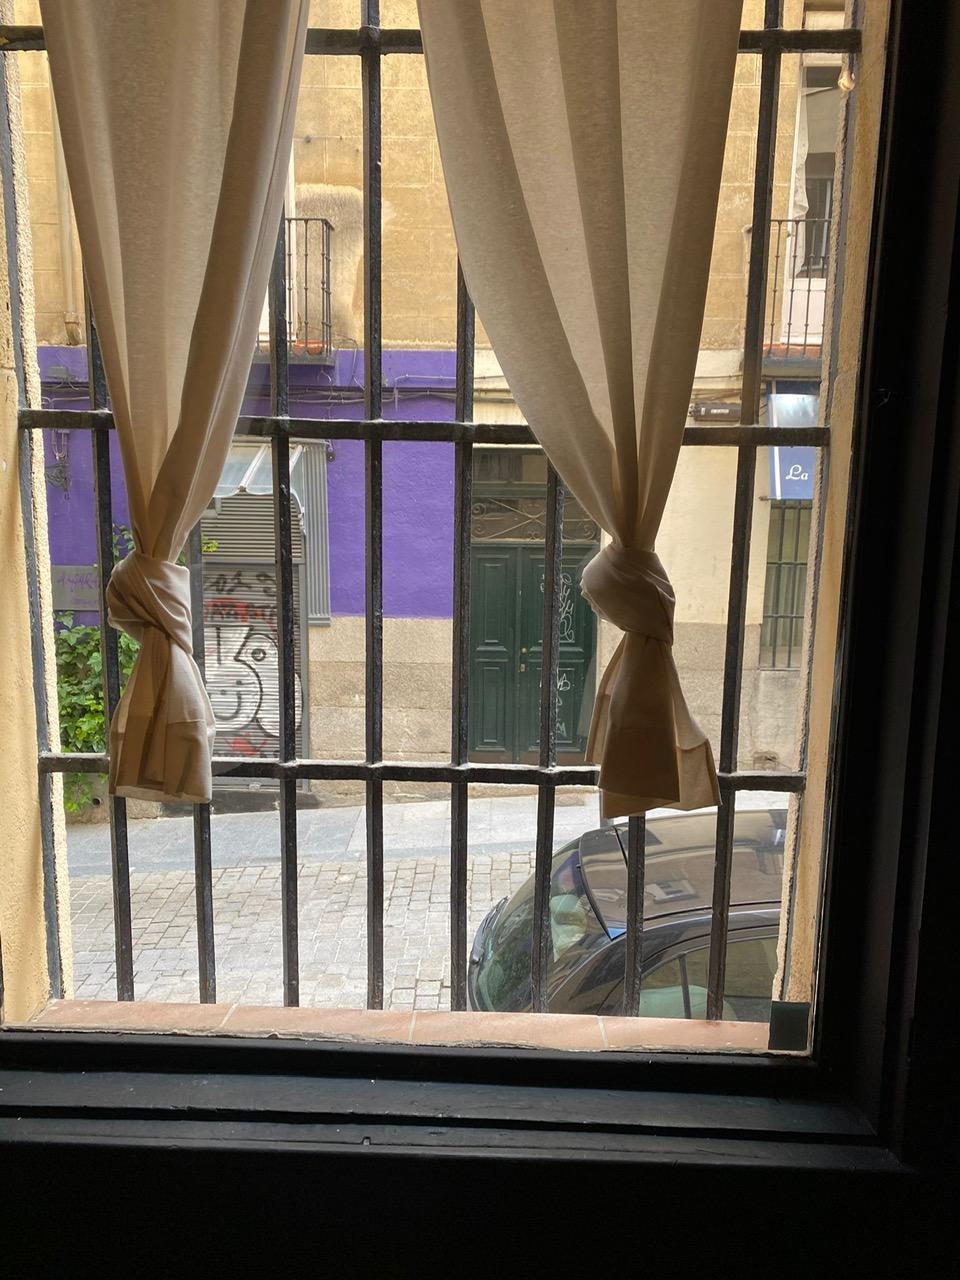 ventana fija a corredera con guillotina. Cristalería Formas.jpg